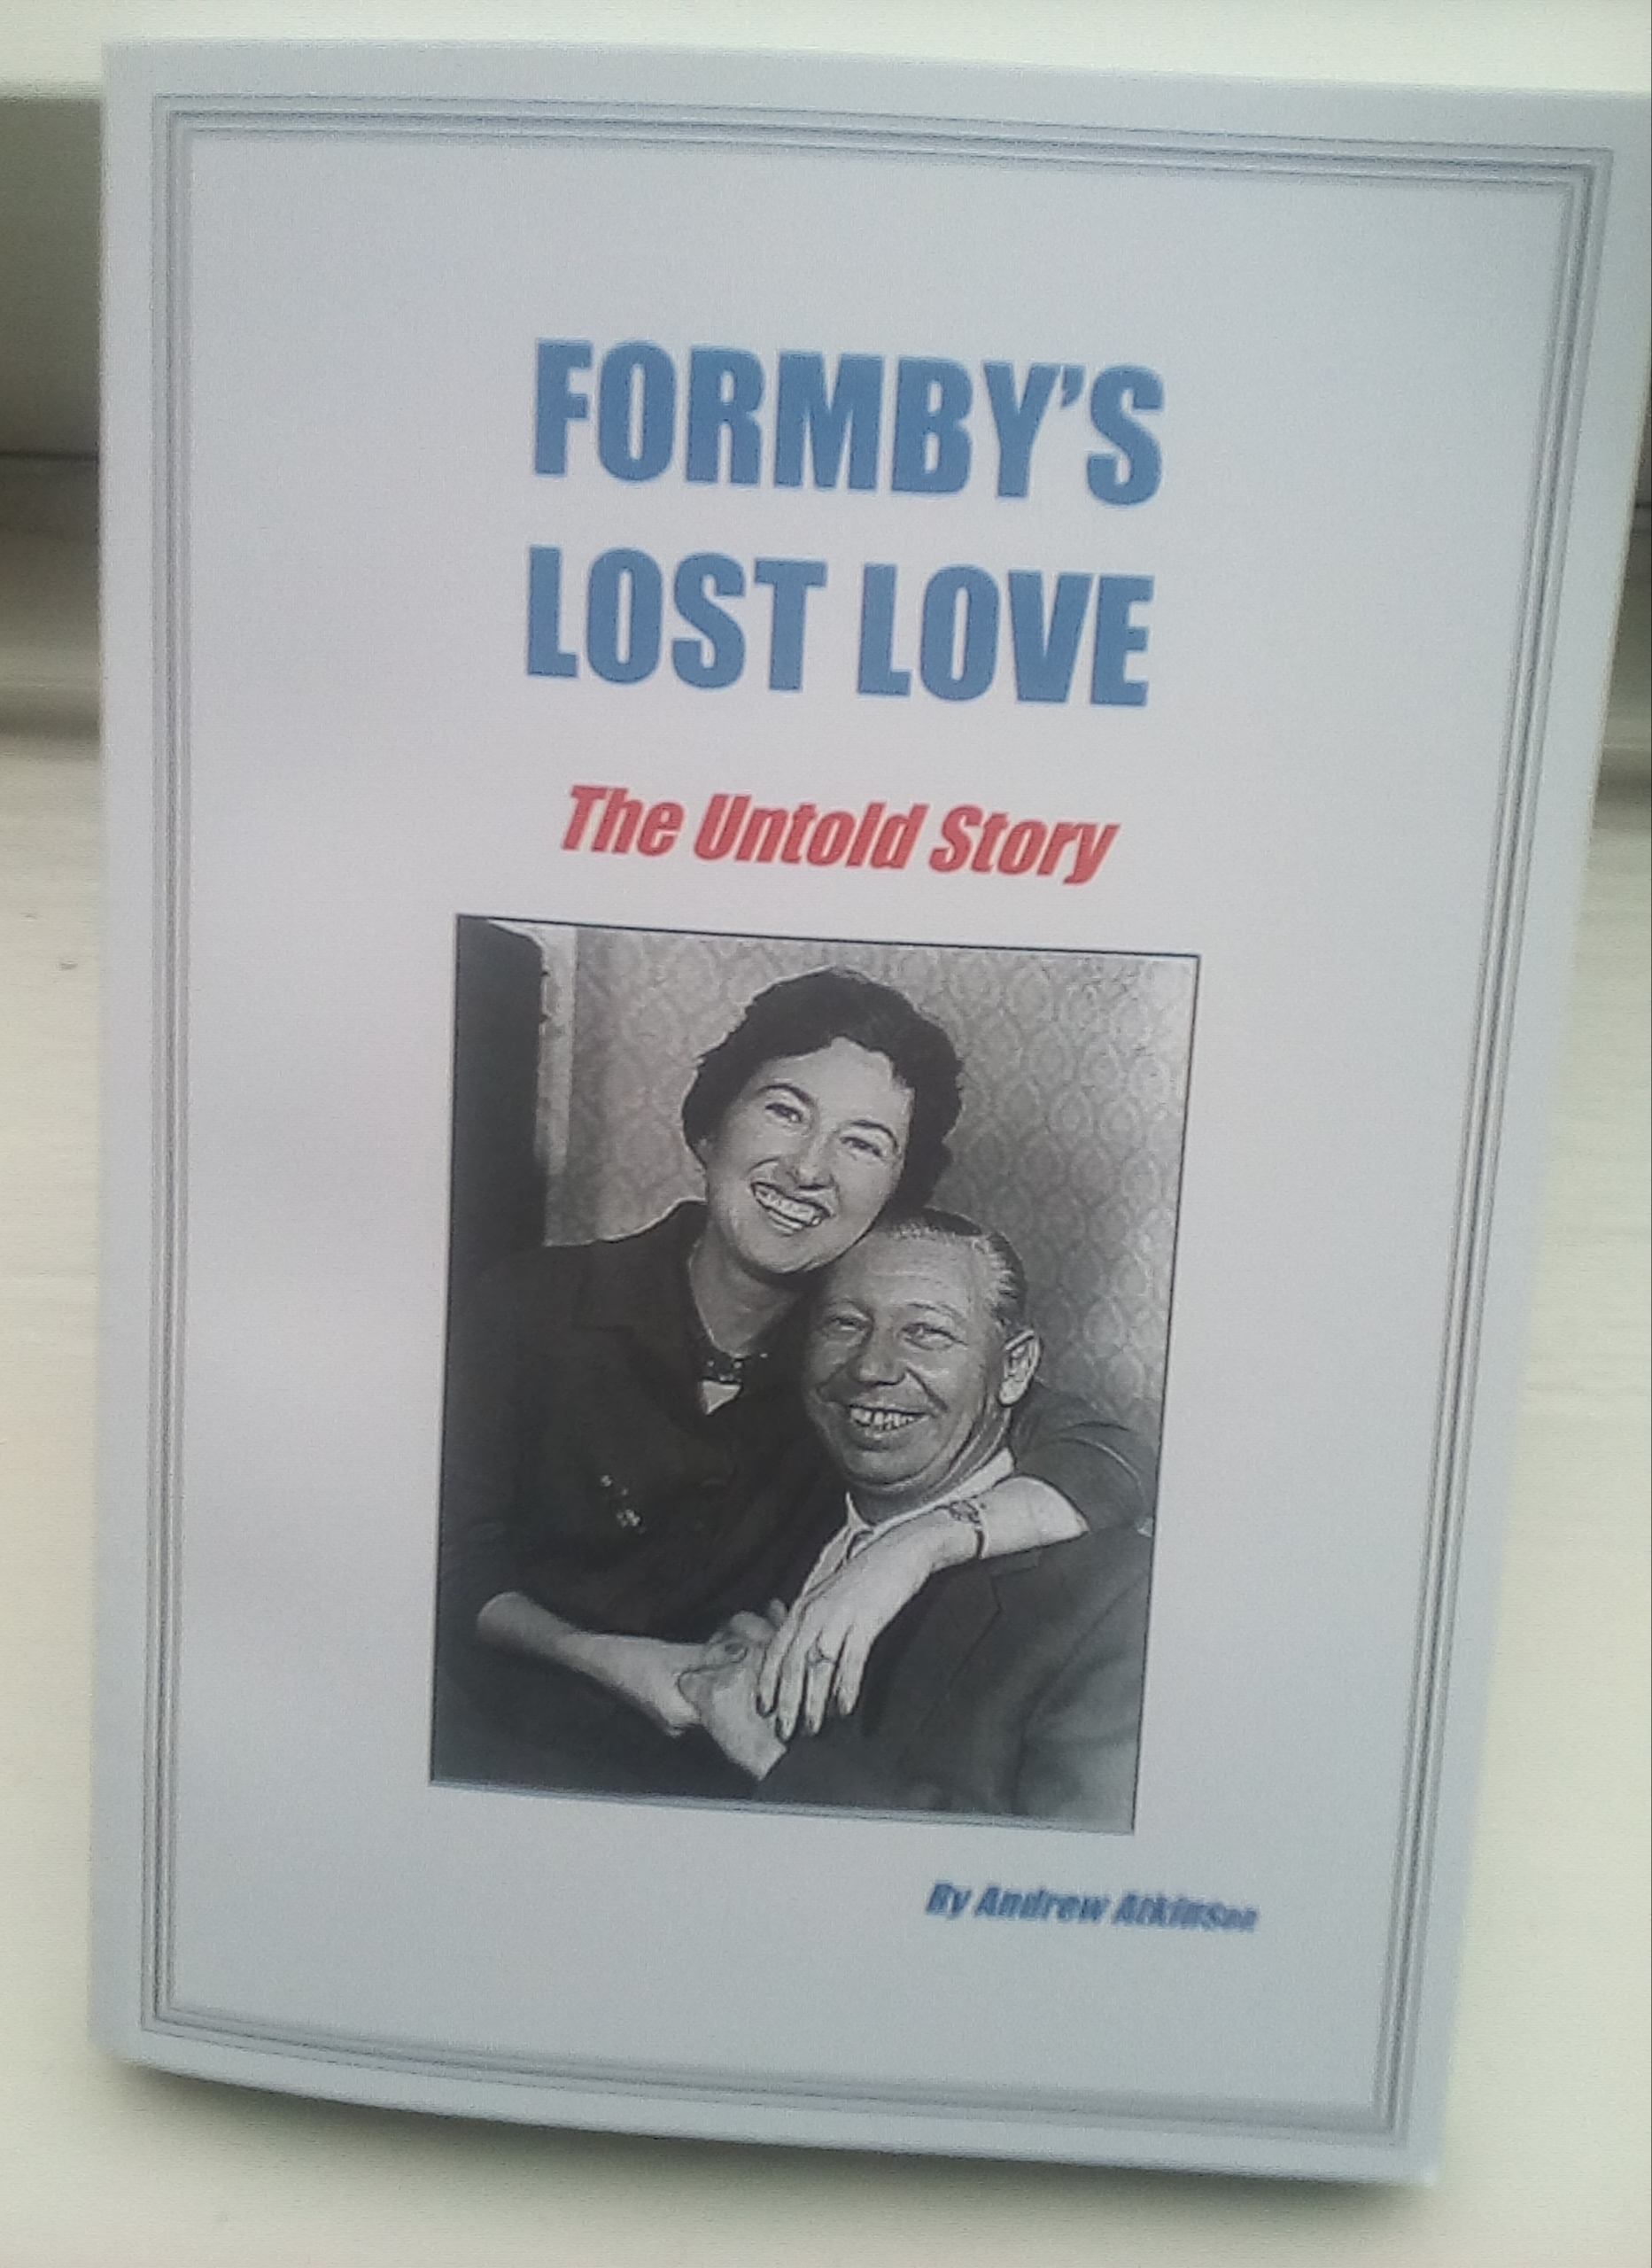 talk on Ukulele legend George Formby